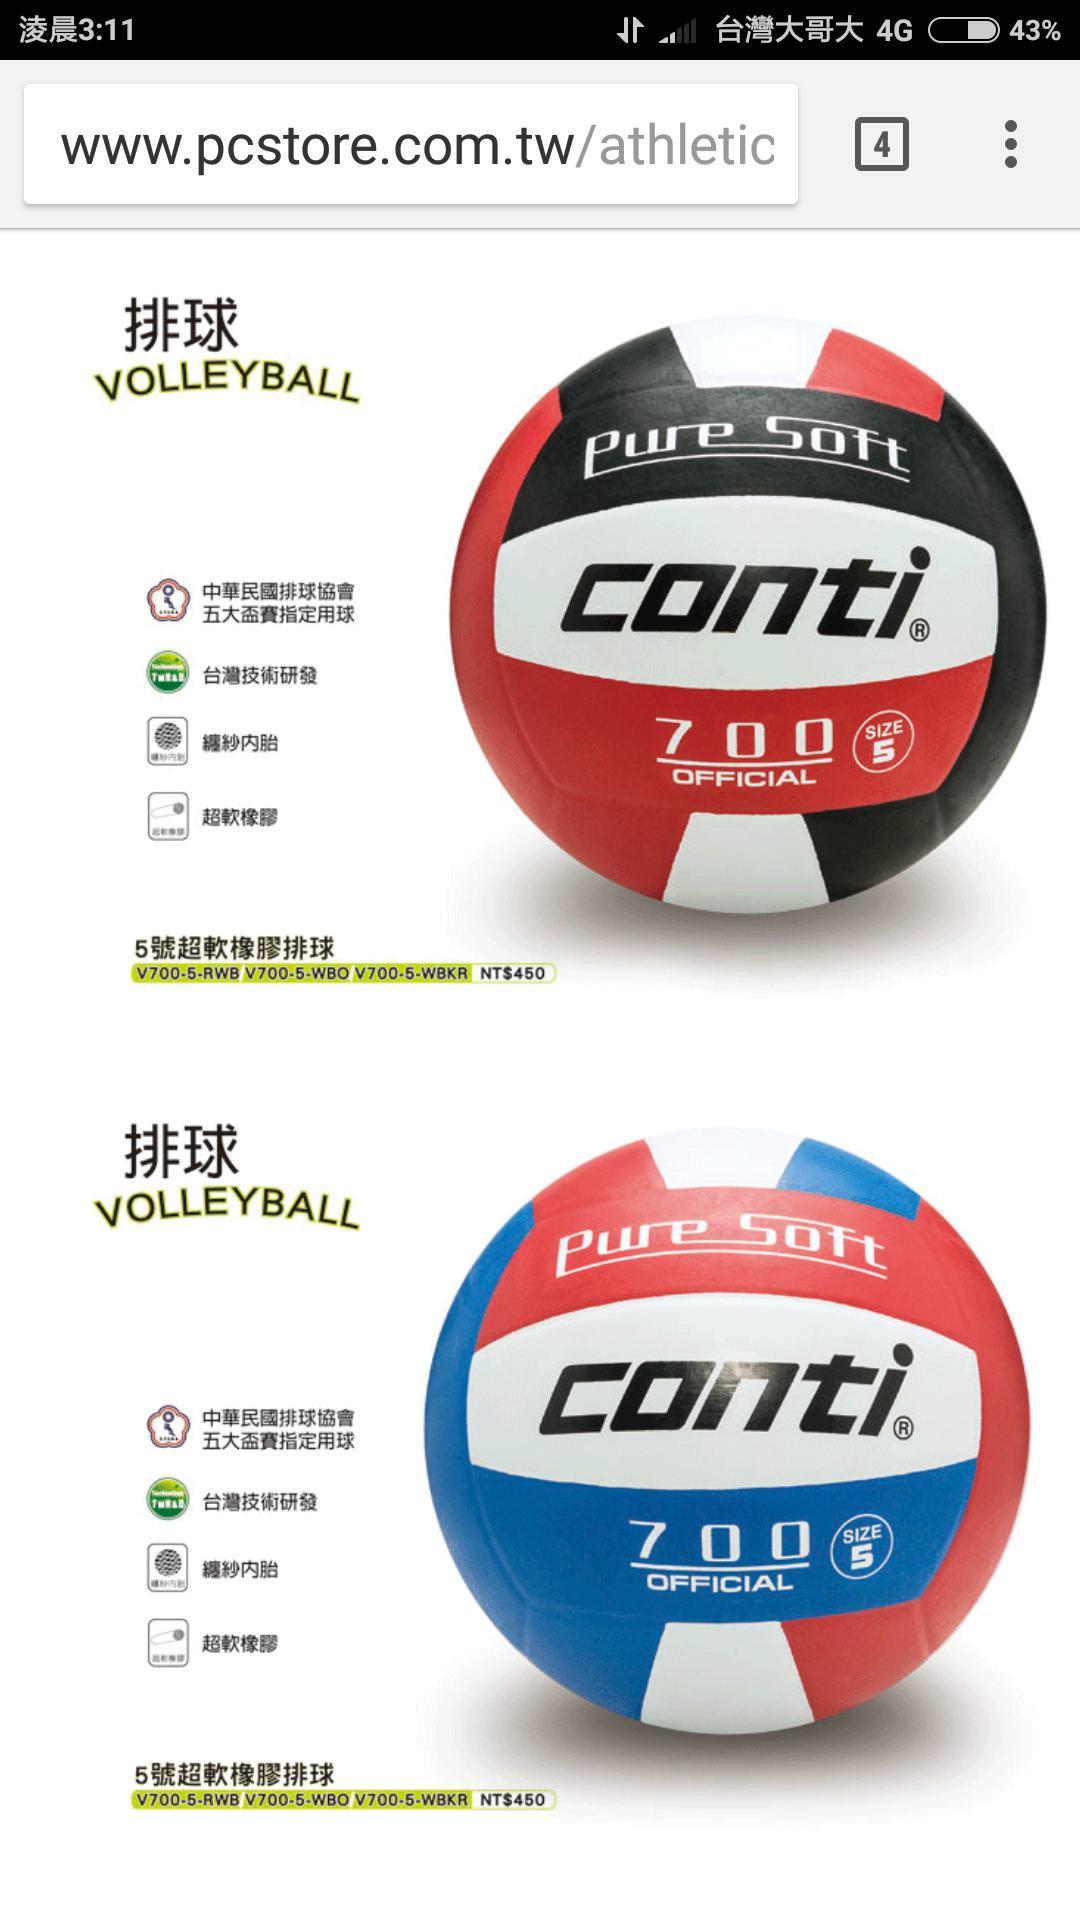 #排球 排球材質疑問 - 運動板   Dcard